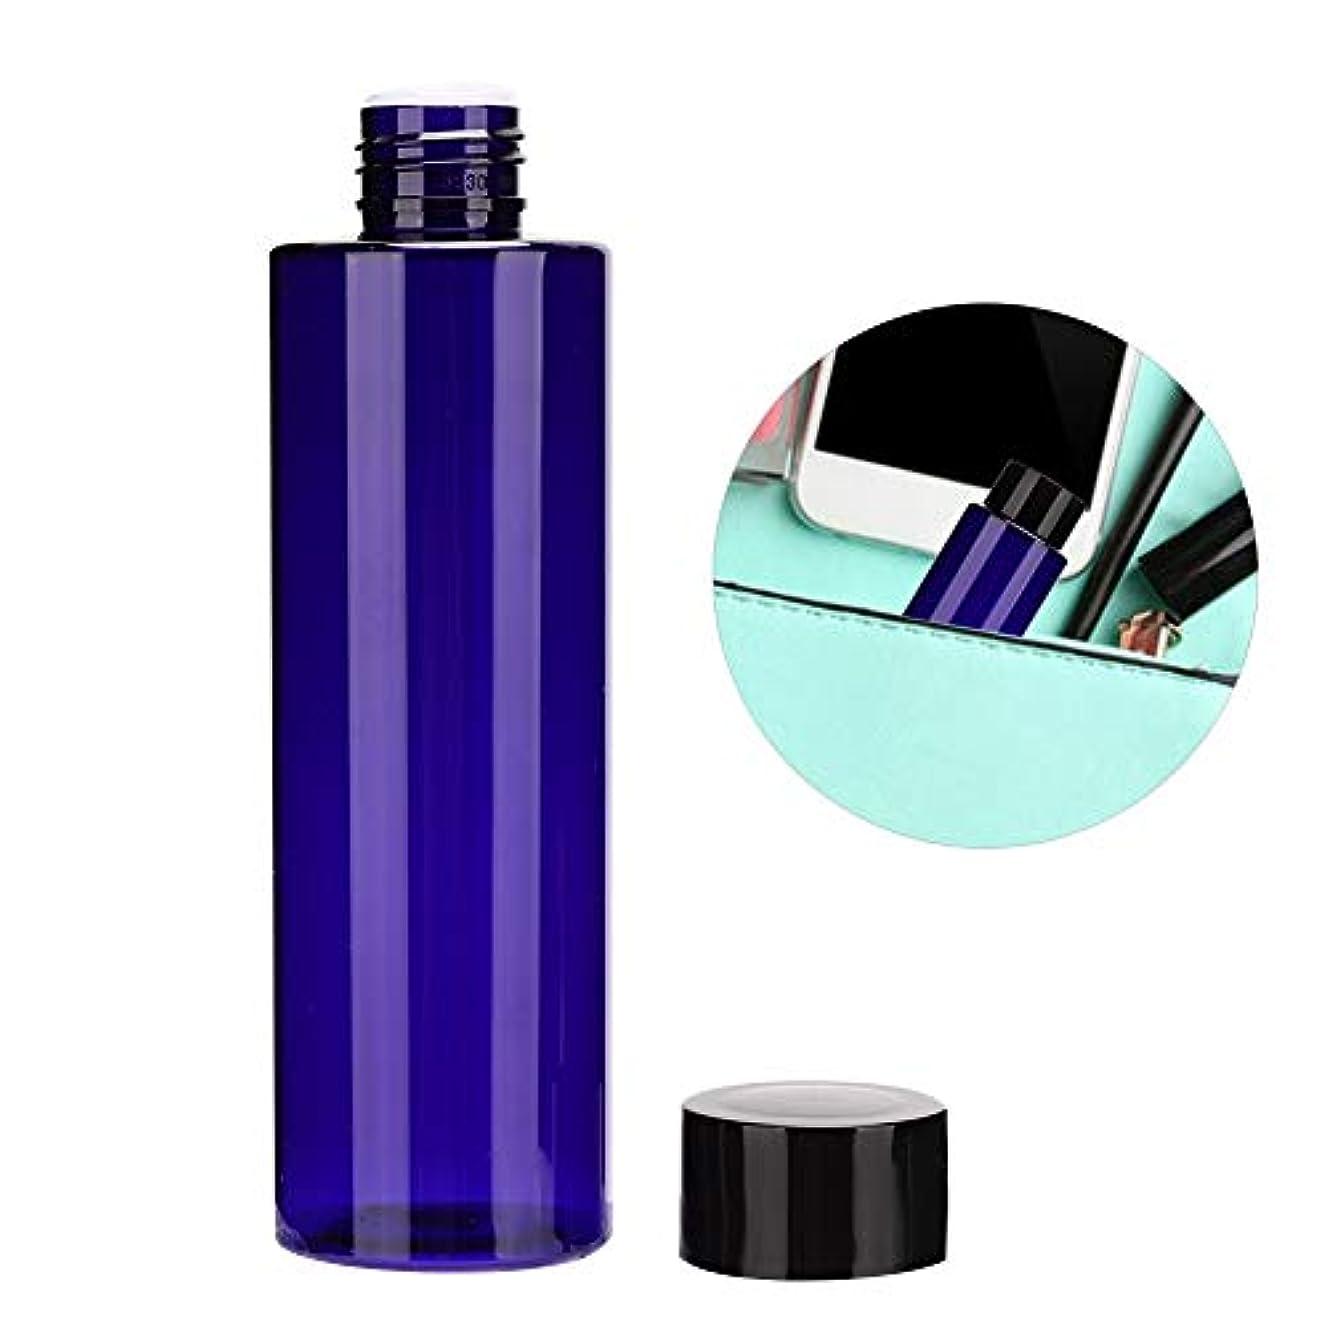 認知アサート闘争200ML PET 詰め替え 可能な空 液体ボトルローション スキンケア 製品 空の化粧品 トナーコンテナボトル